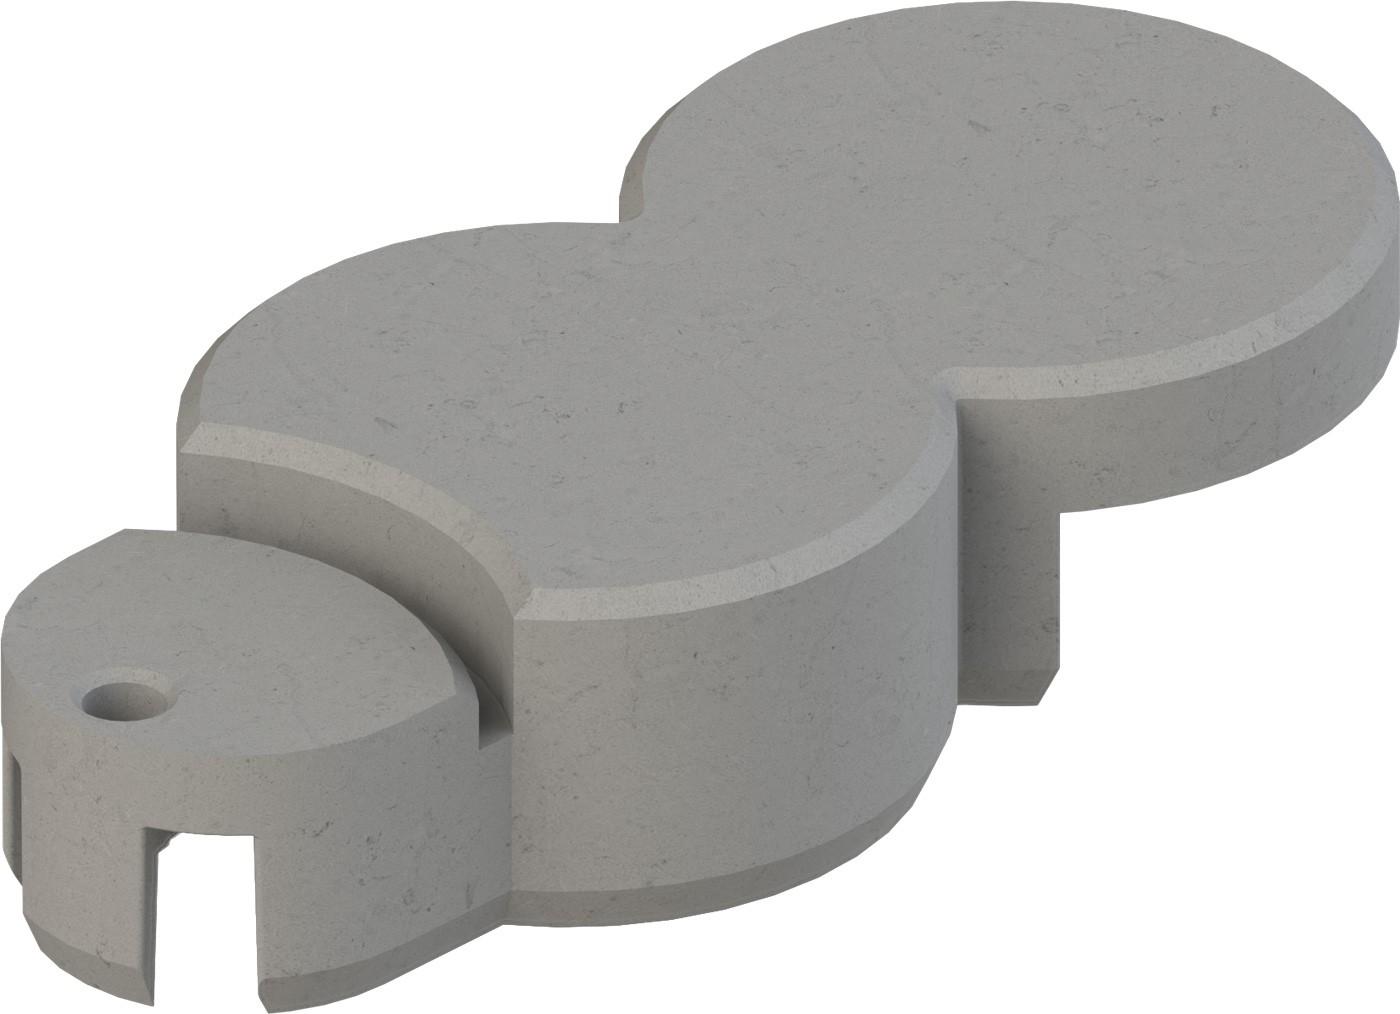 Bordure de jardin en plastique bio bordure gris clair for Bordure jardin plastique gris